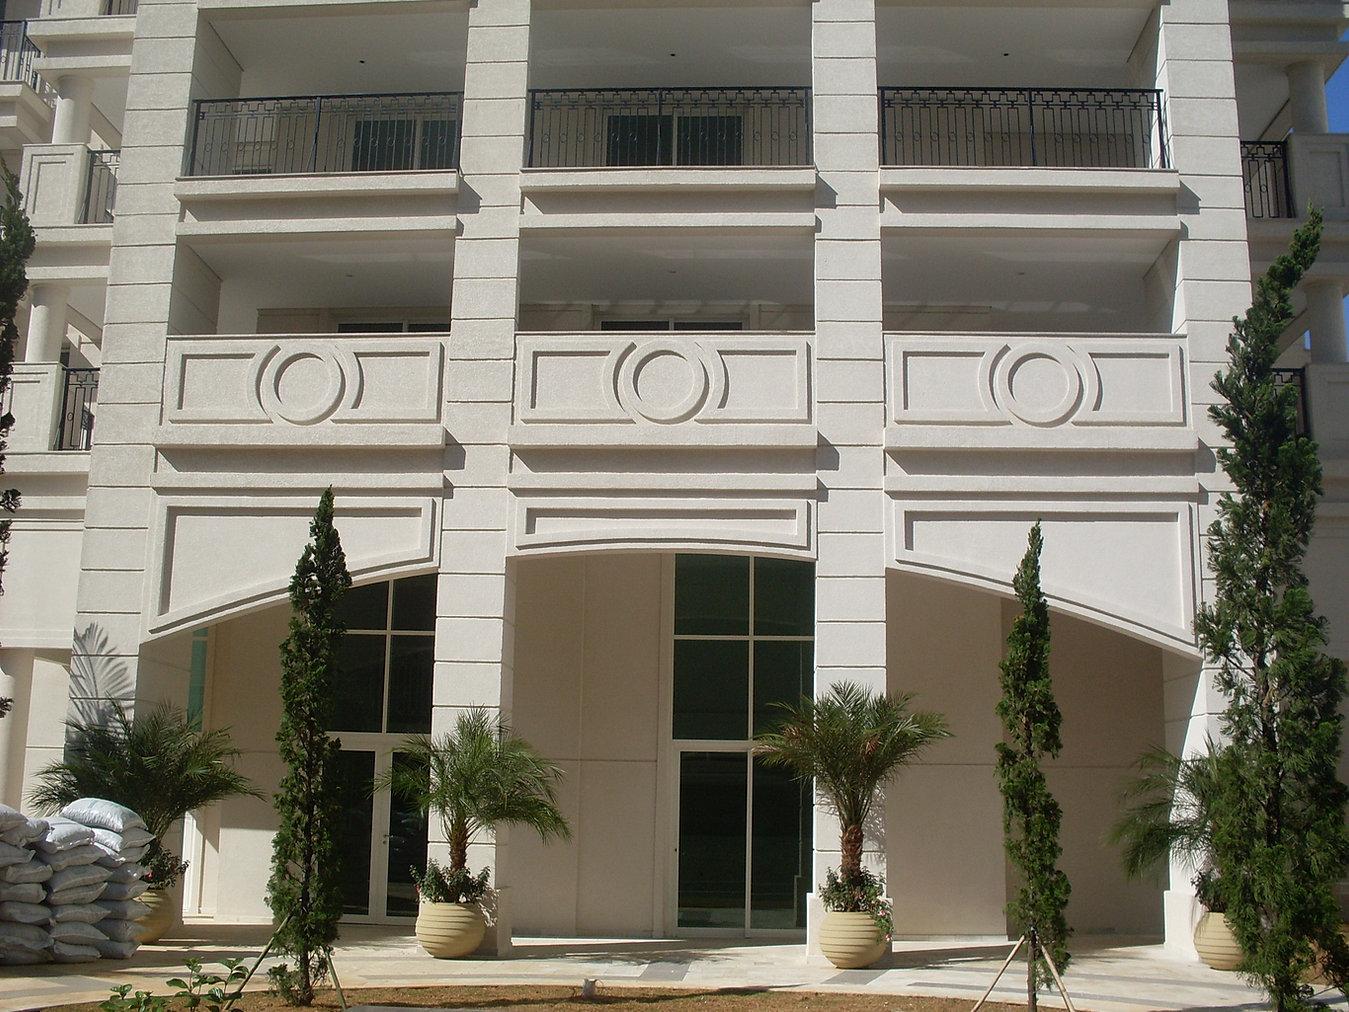 Tecnomoldura molduras em eps para fachadas - Molduras para fachadas ...